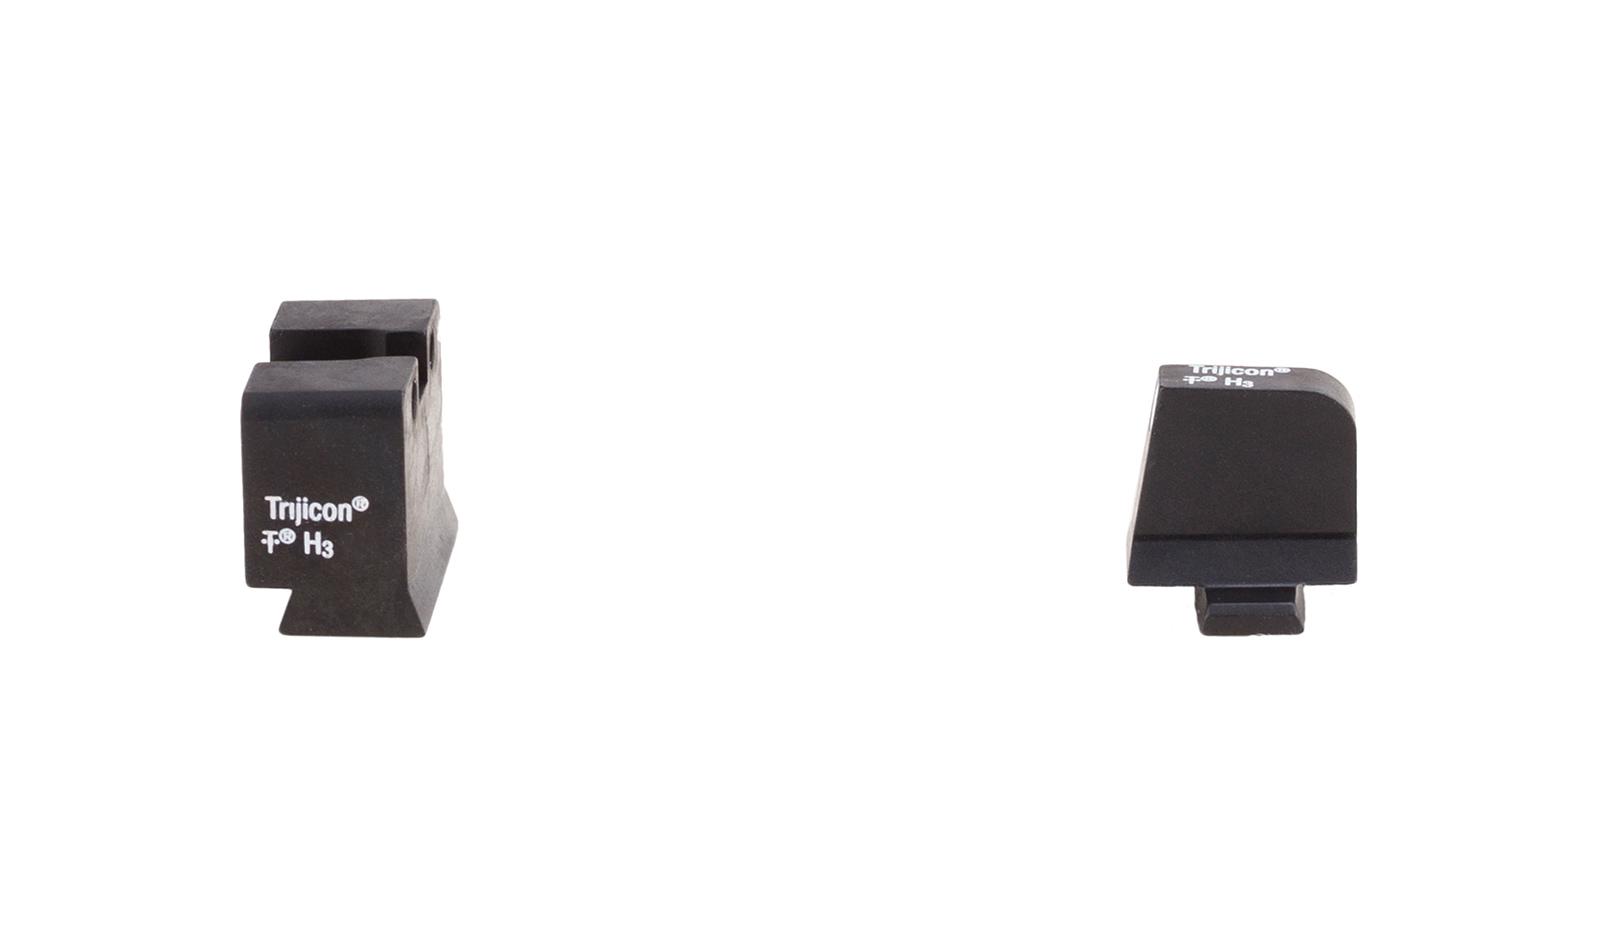 SG201-C-600907 angle 2